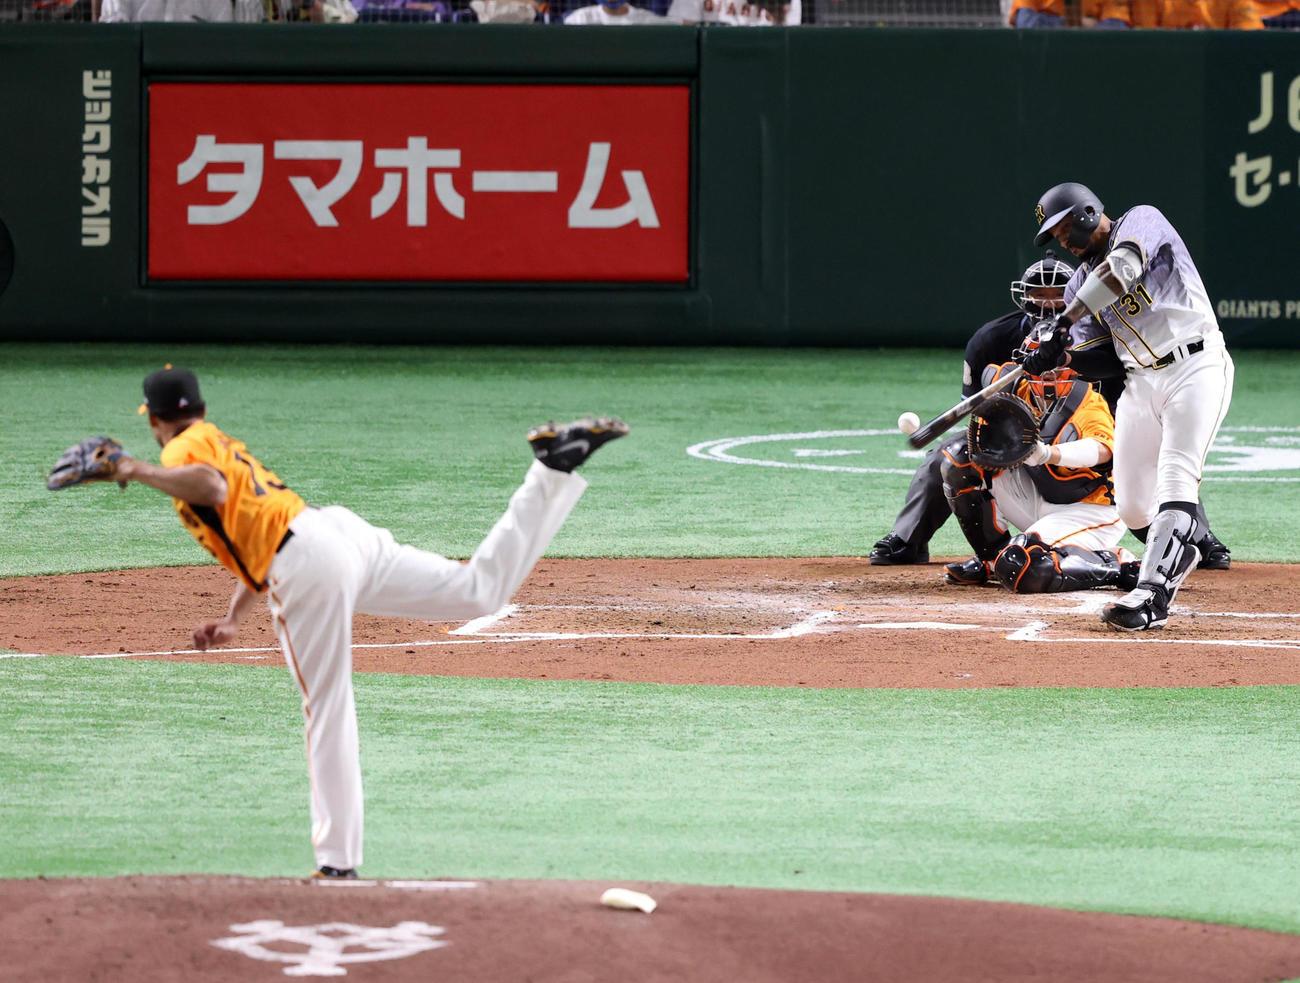 巨人対阪神 3回表阪神無死一塁、2点本塁打を放つマルテ。投手サンチェス(撮影・狩俣裕三)